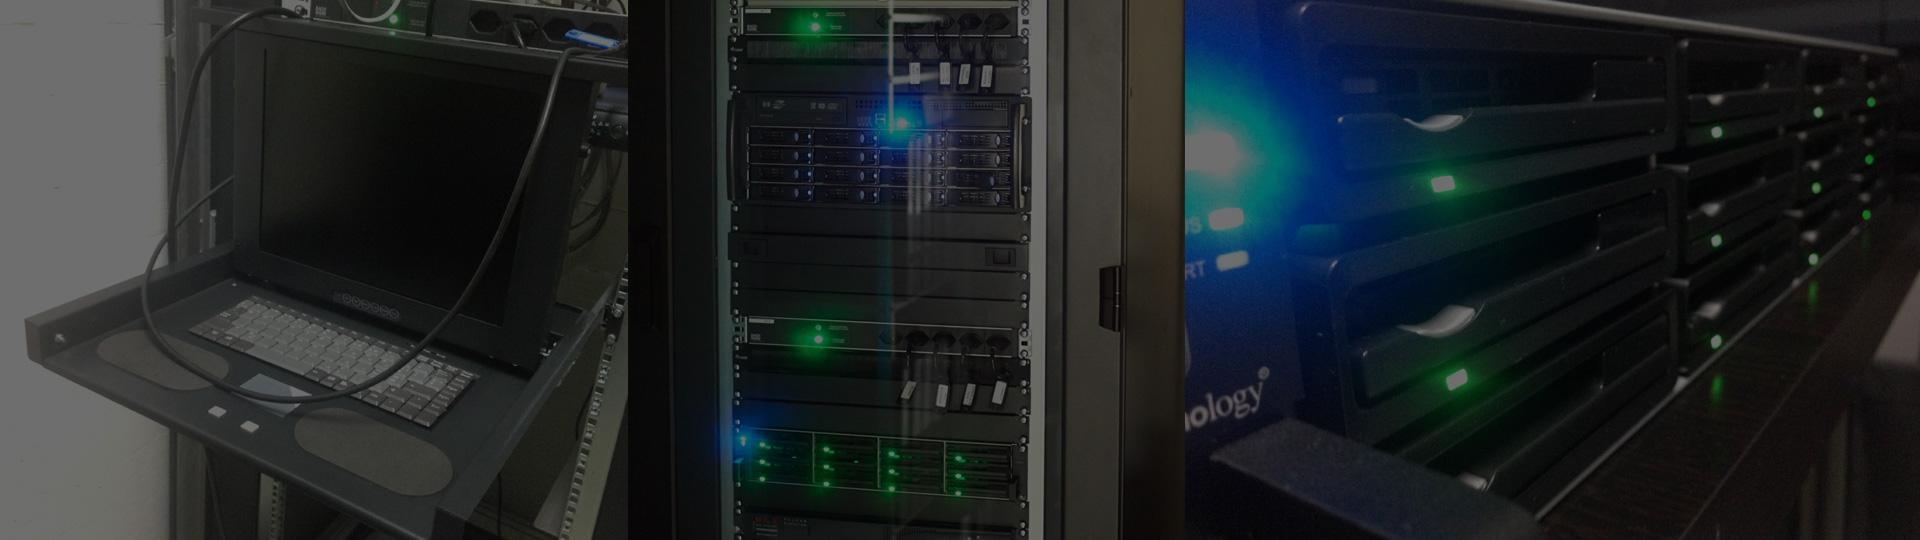 Der neue Synology 48 TB Hardware-Einschub löste Nancy 2014 ab. Links deren TFT-Schubladendisplay.